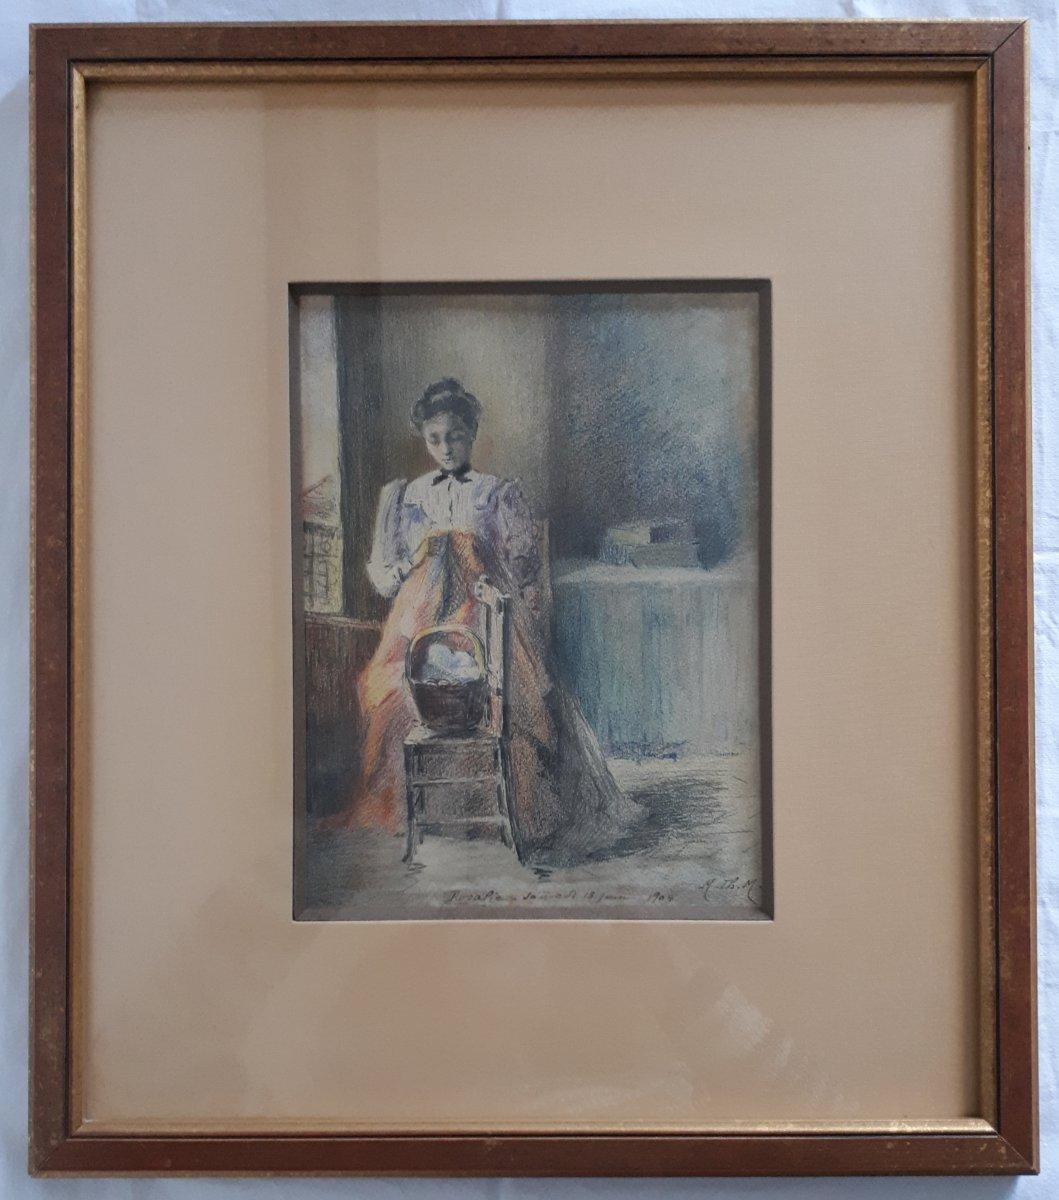 M. TH. MANESSE LECOEUR dessin au pastel et crayon daté 1904 portrait de femme début XXème